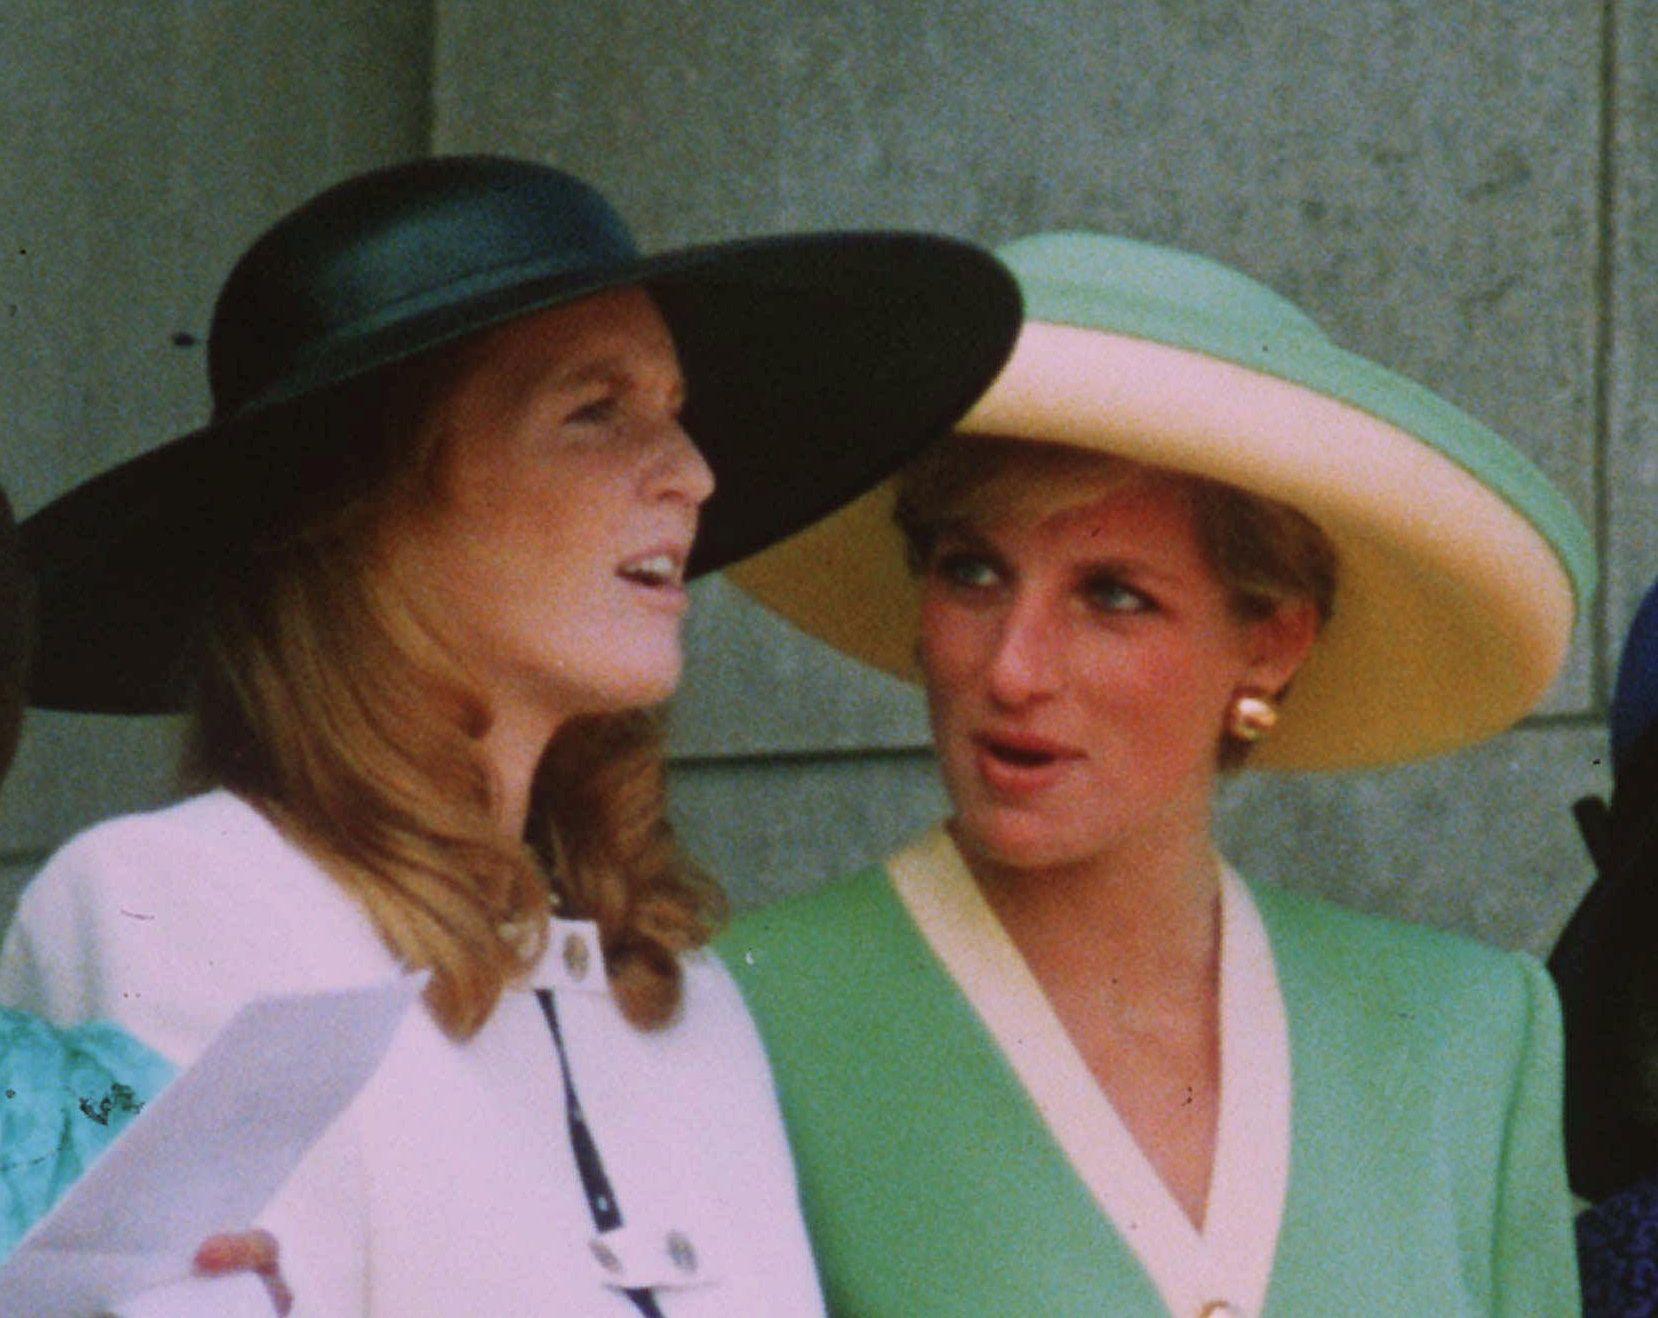 VENNER: Hertuginnen av York og prinsesse Diana på Buckingham Palace i september 1990.